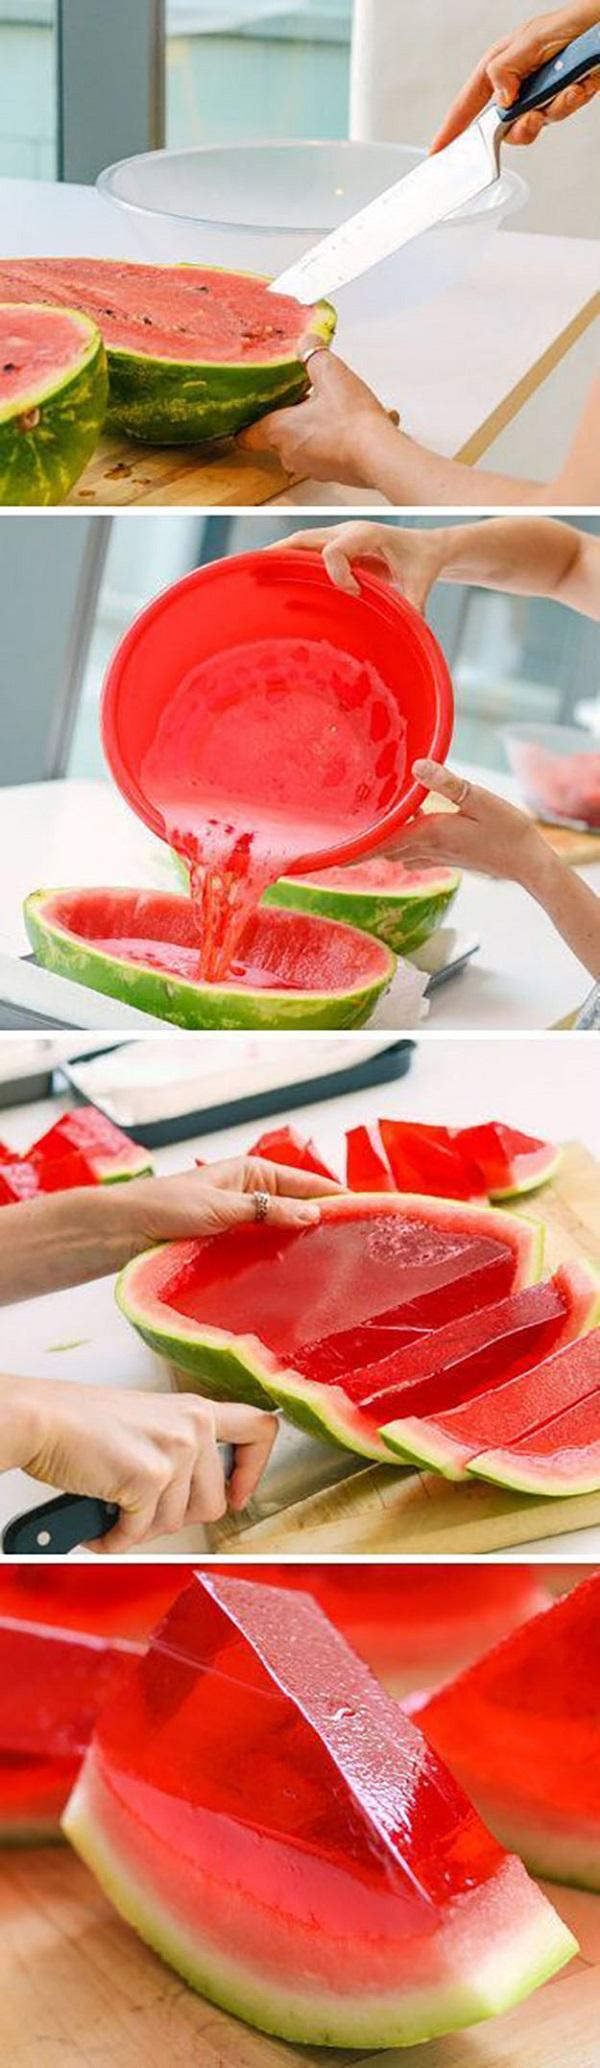 15. Когда хочется чего-то вкусного и одновременно полезного, я готовлю такие яблочные кольца в п